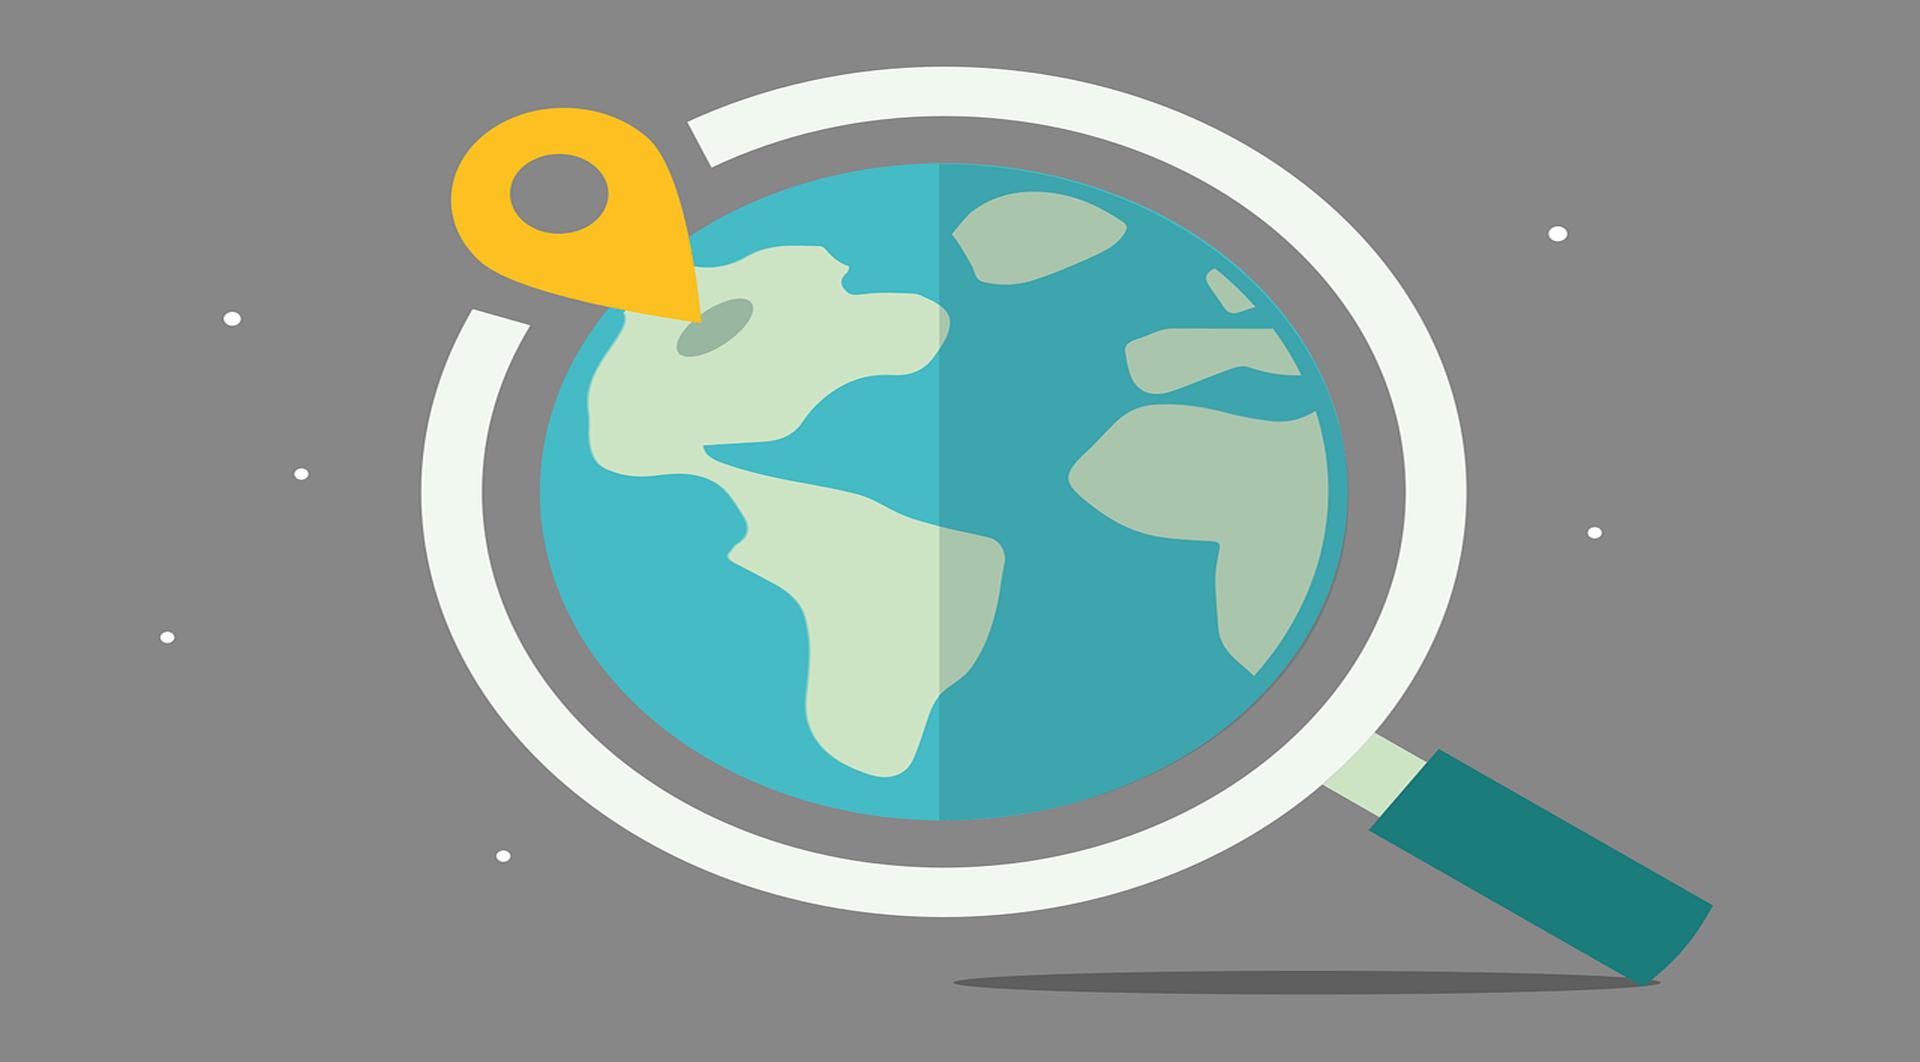 3 méthodes différentes pour géoréférencer une carte [MÊME SANS COORDONNÉES] sur Arcgis